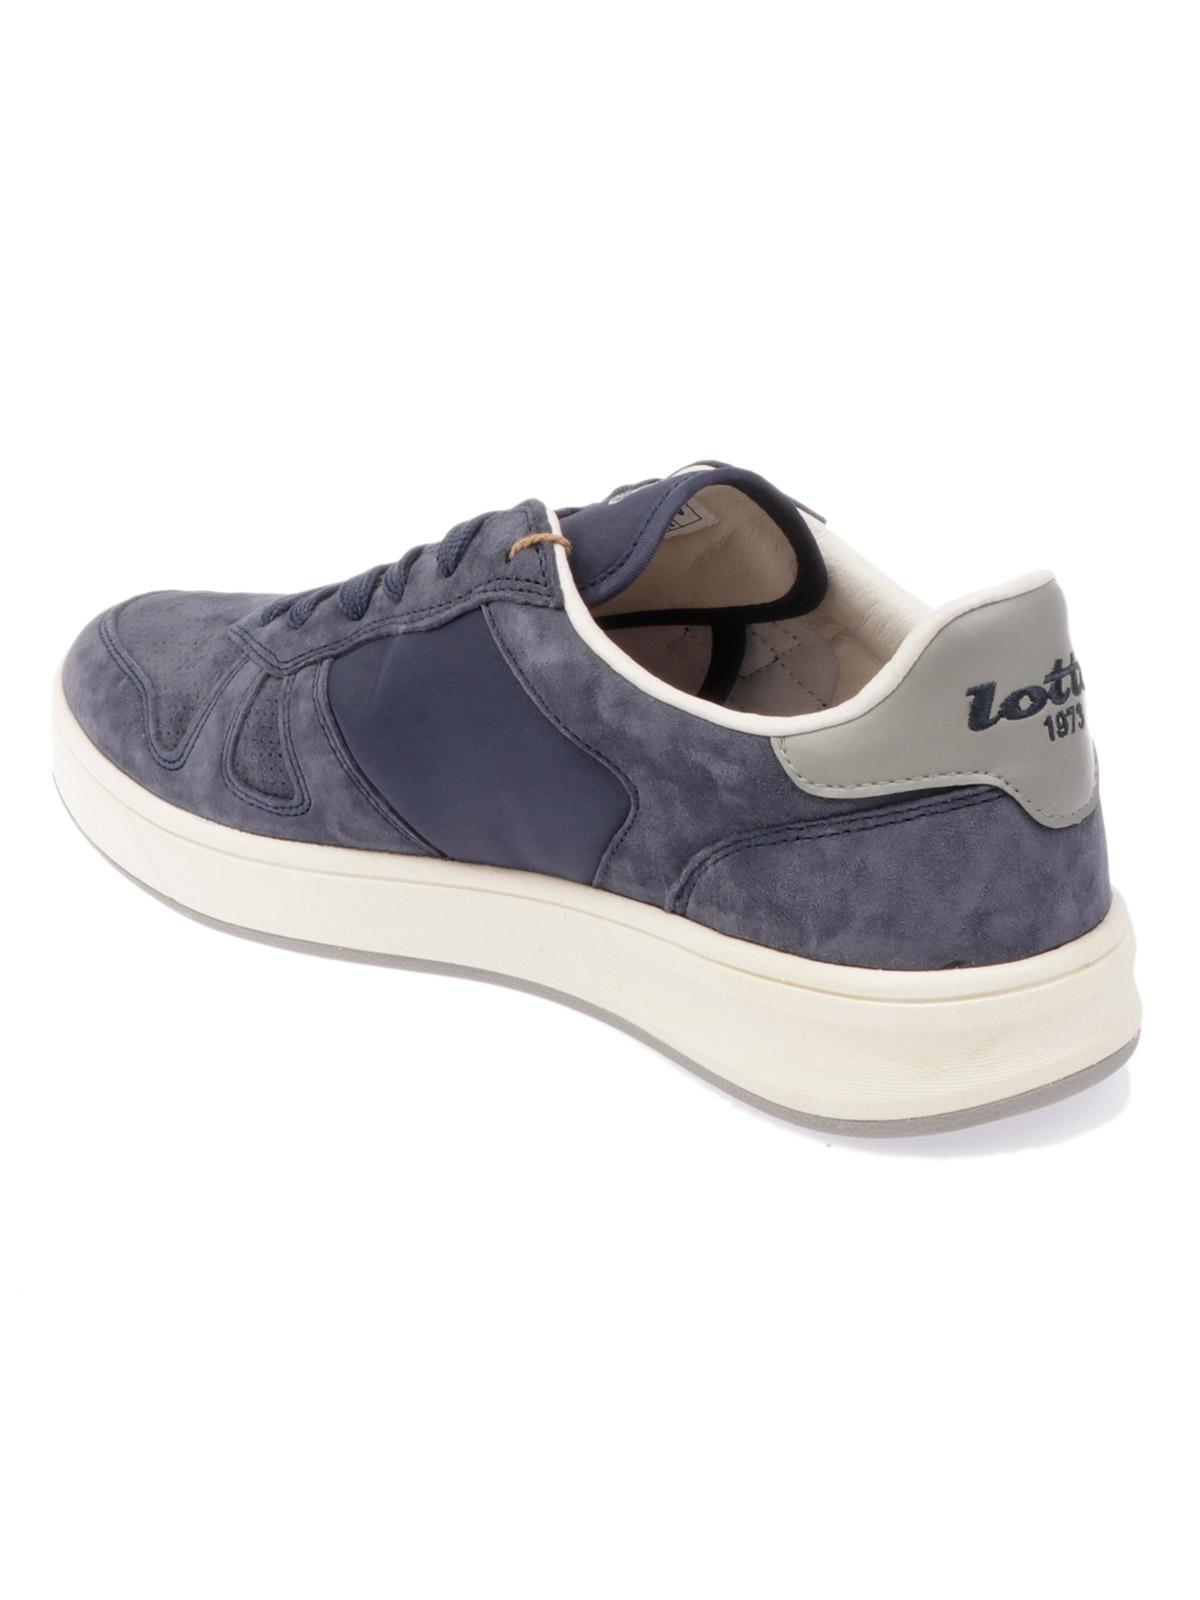 Immagine di LOTTO | Sneaker Uomo Signature SD